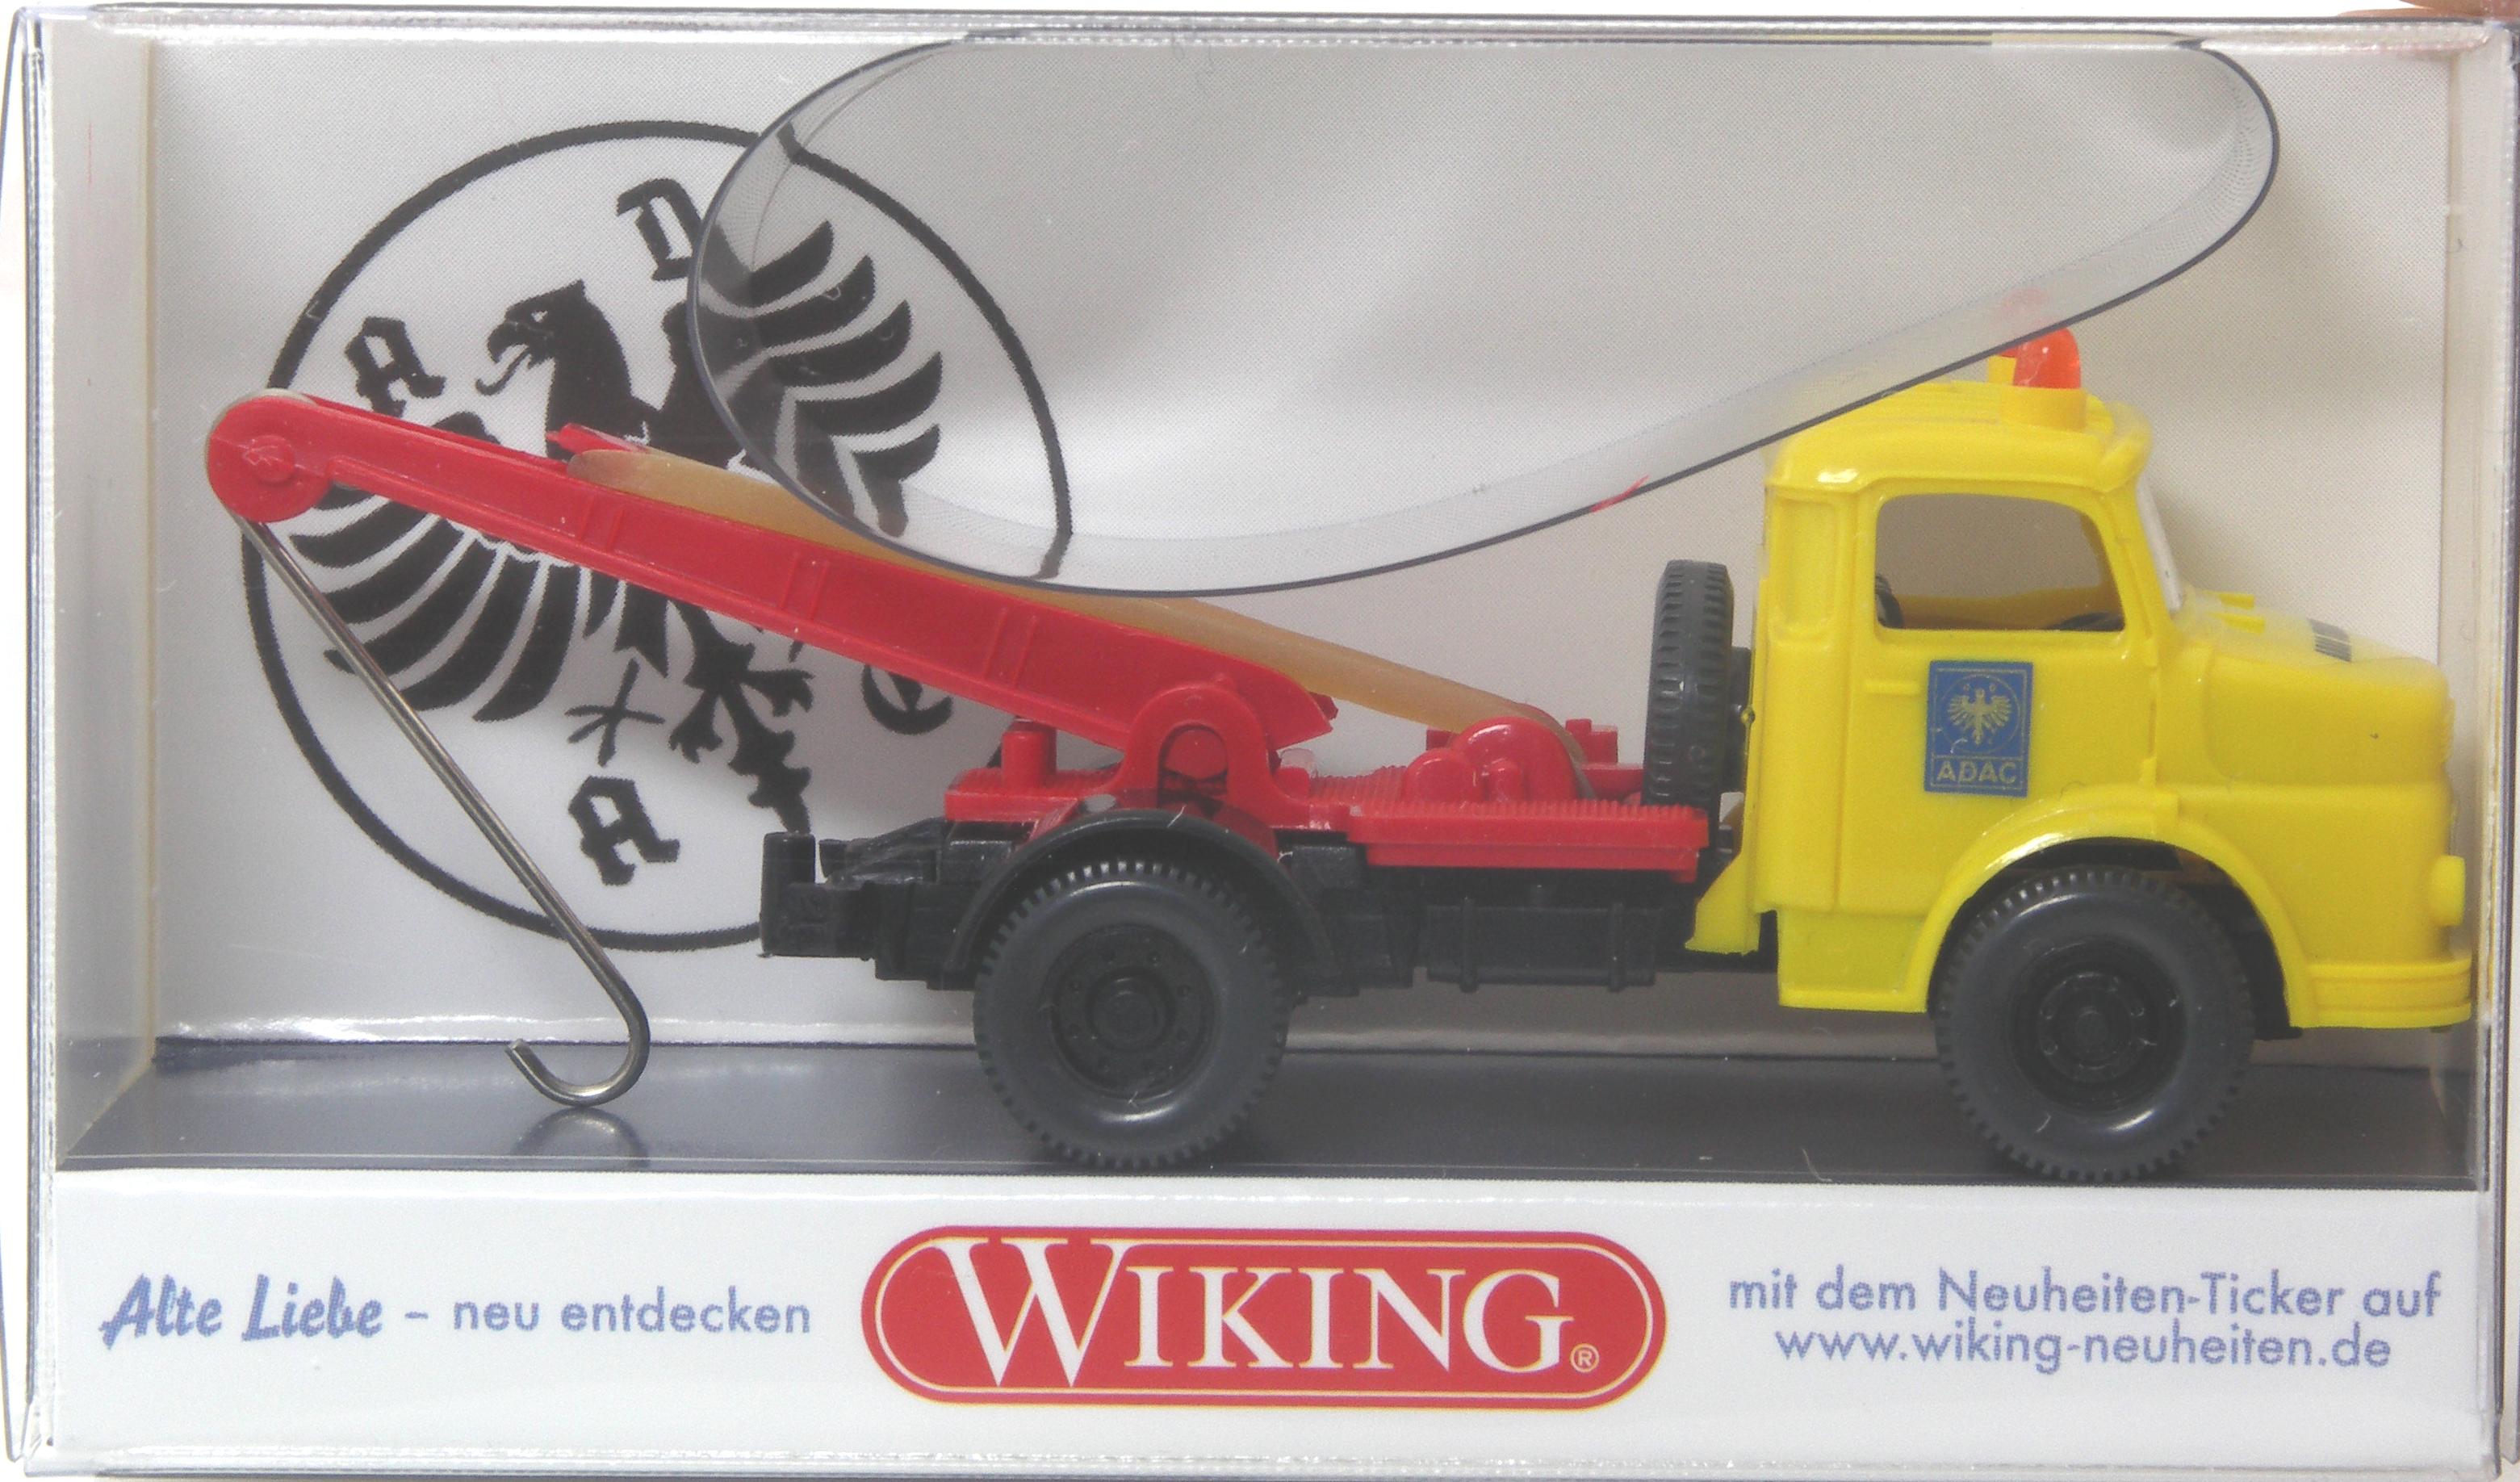 ar Wiking MB l 1413 grúa ADAC-colección Wiking-fan